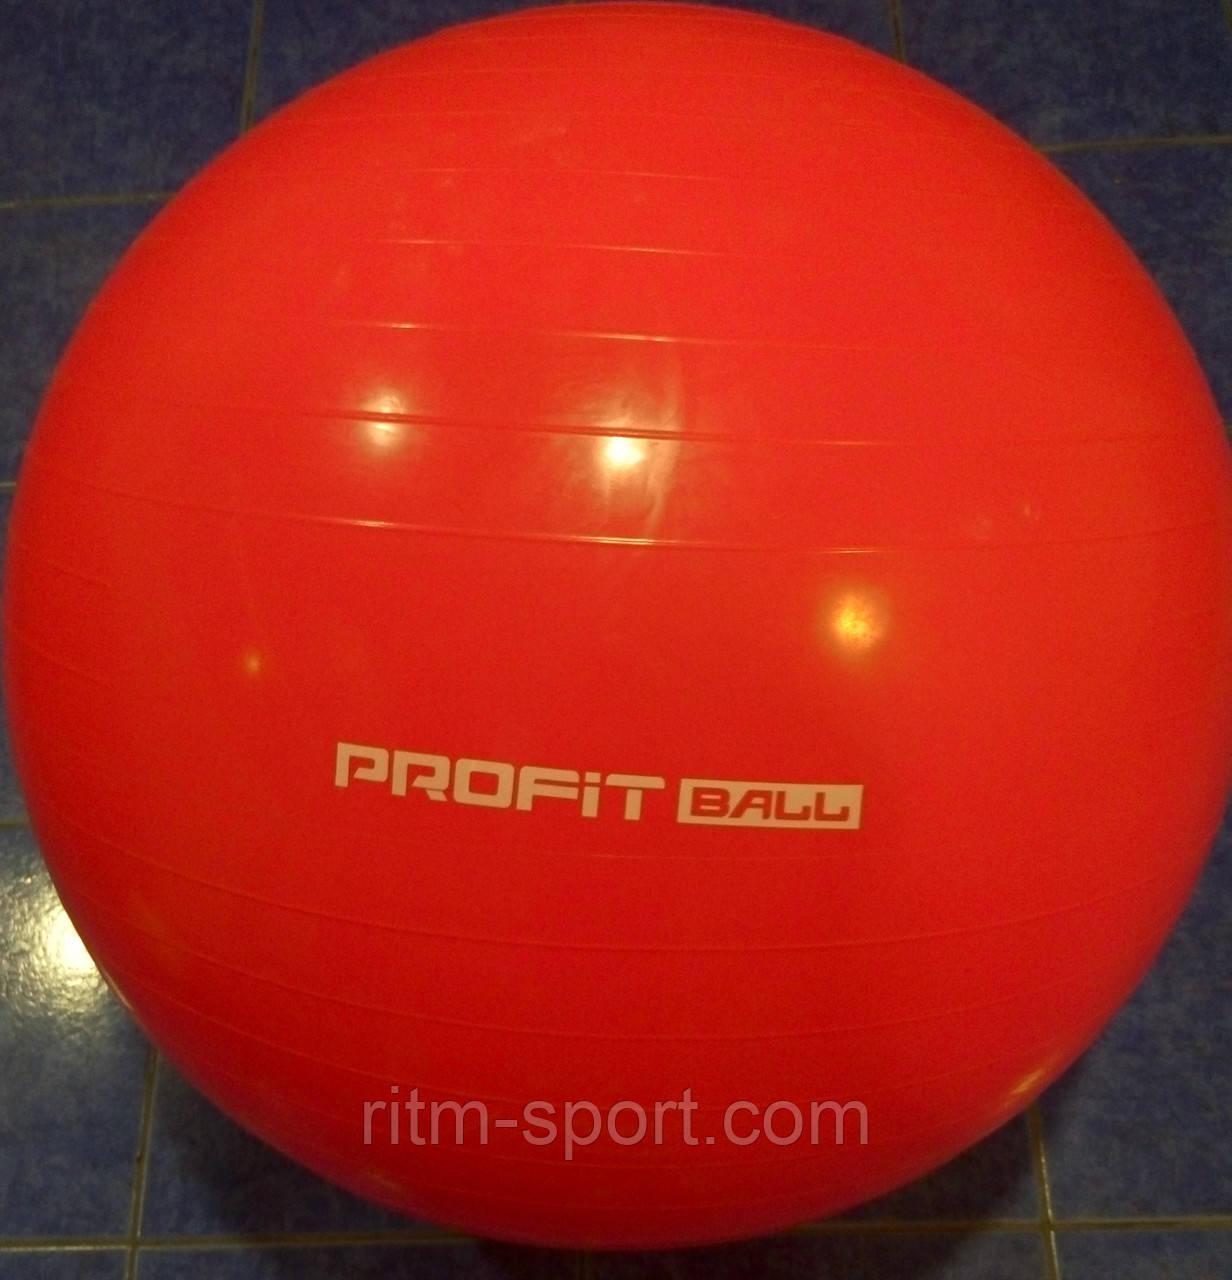 4559eb677f1e23 Мяч для фитнеса d 75 см Profit ball - Спортивные товары интернет-магазин  Ритм в